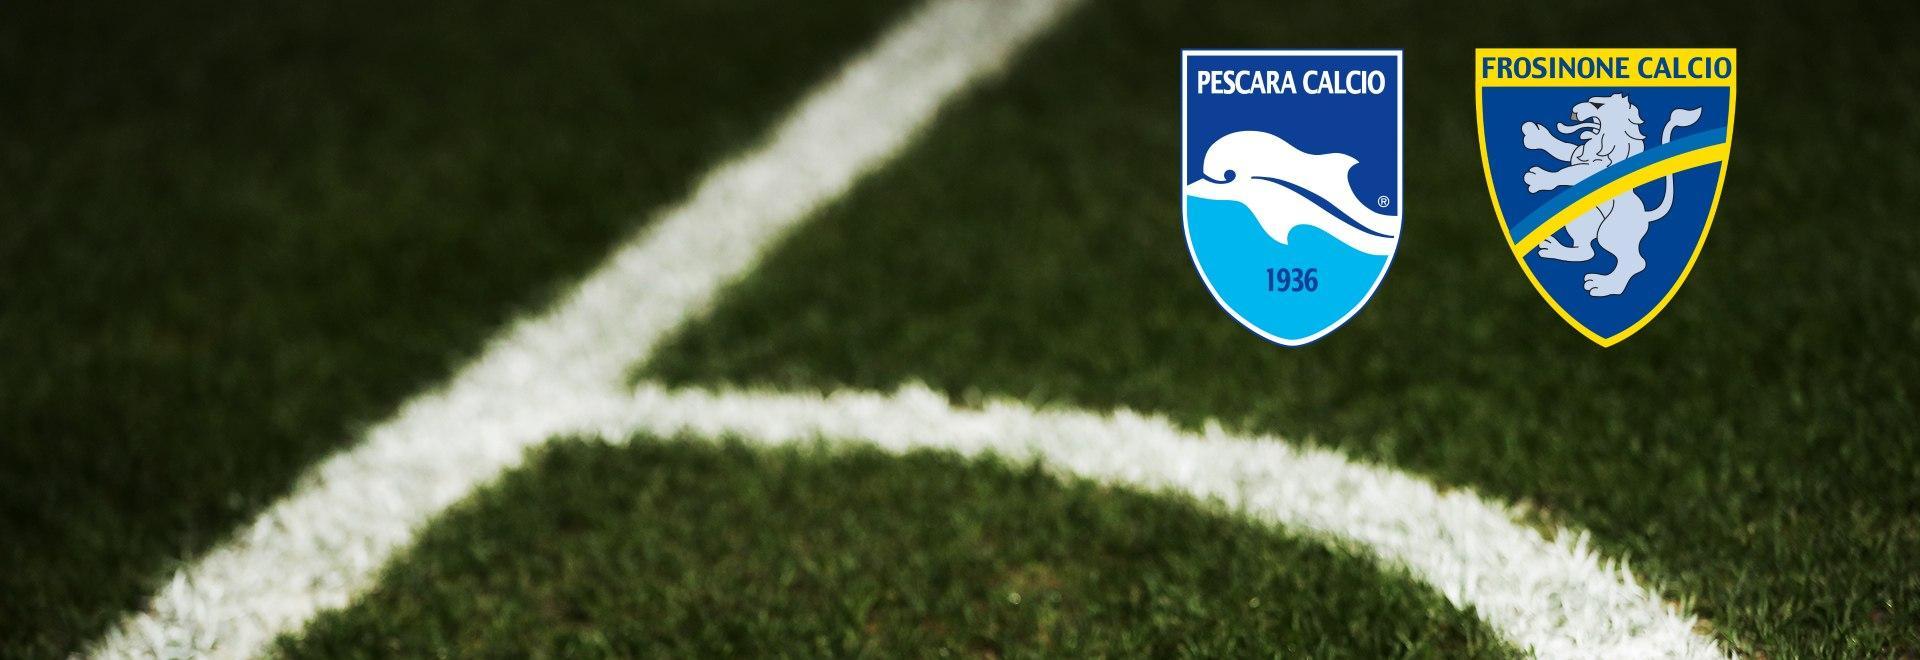 Pescara - Frosinone. 35a g.